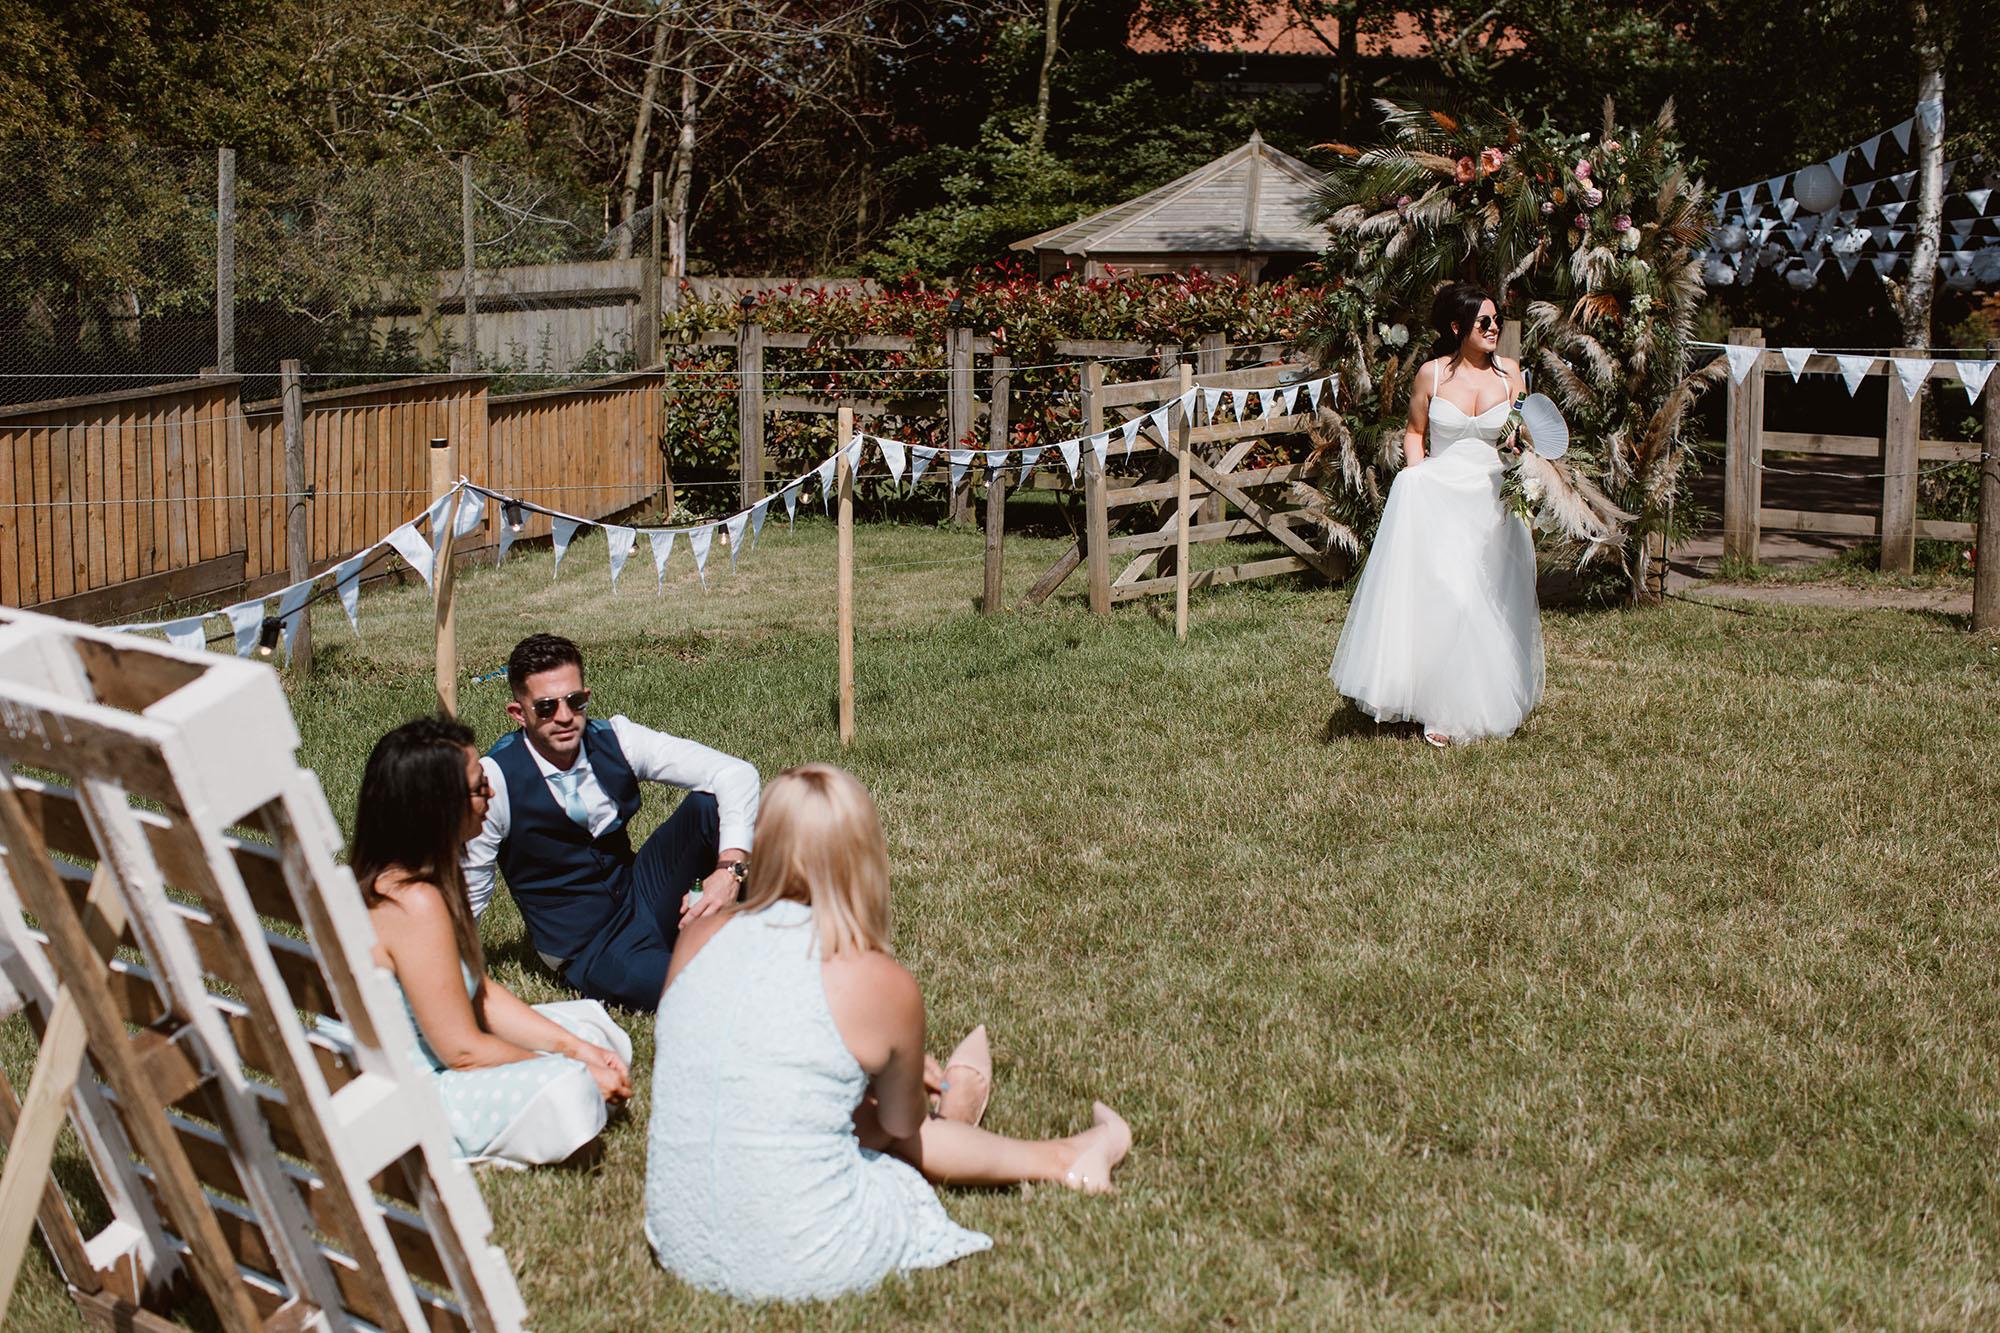 Wedding image by Luke Hayden Photography